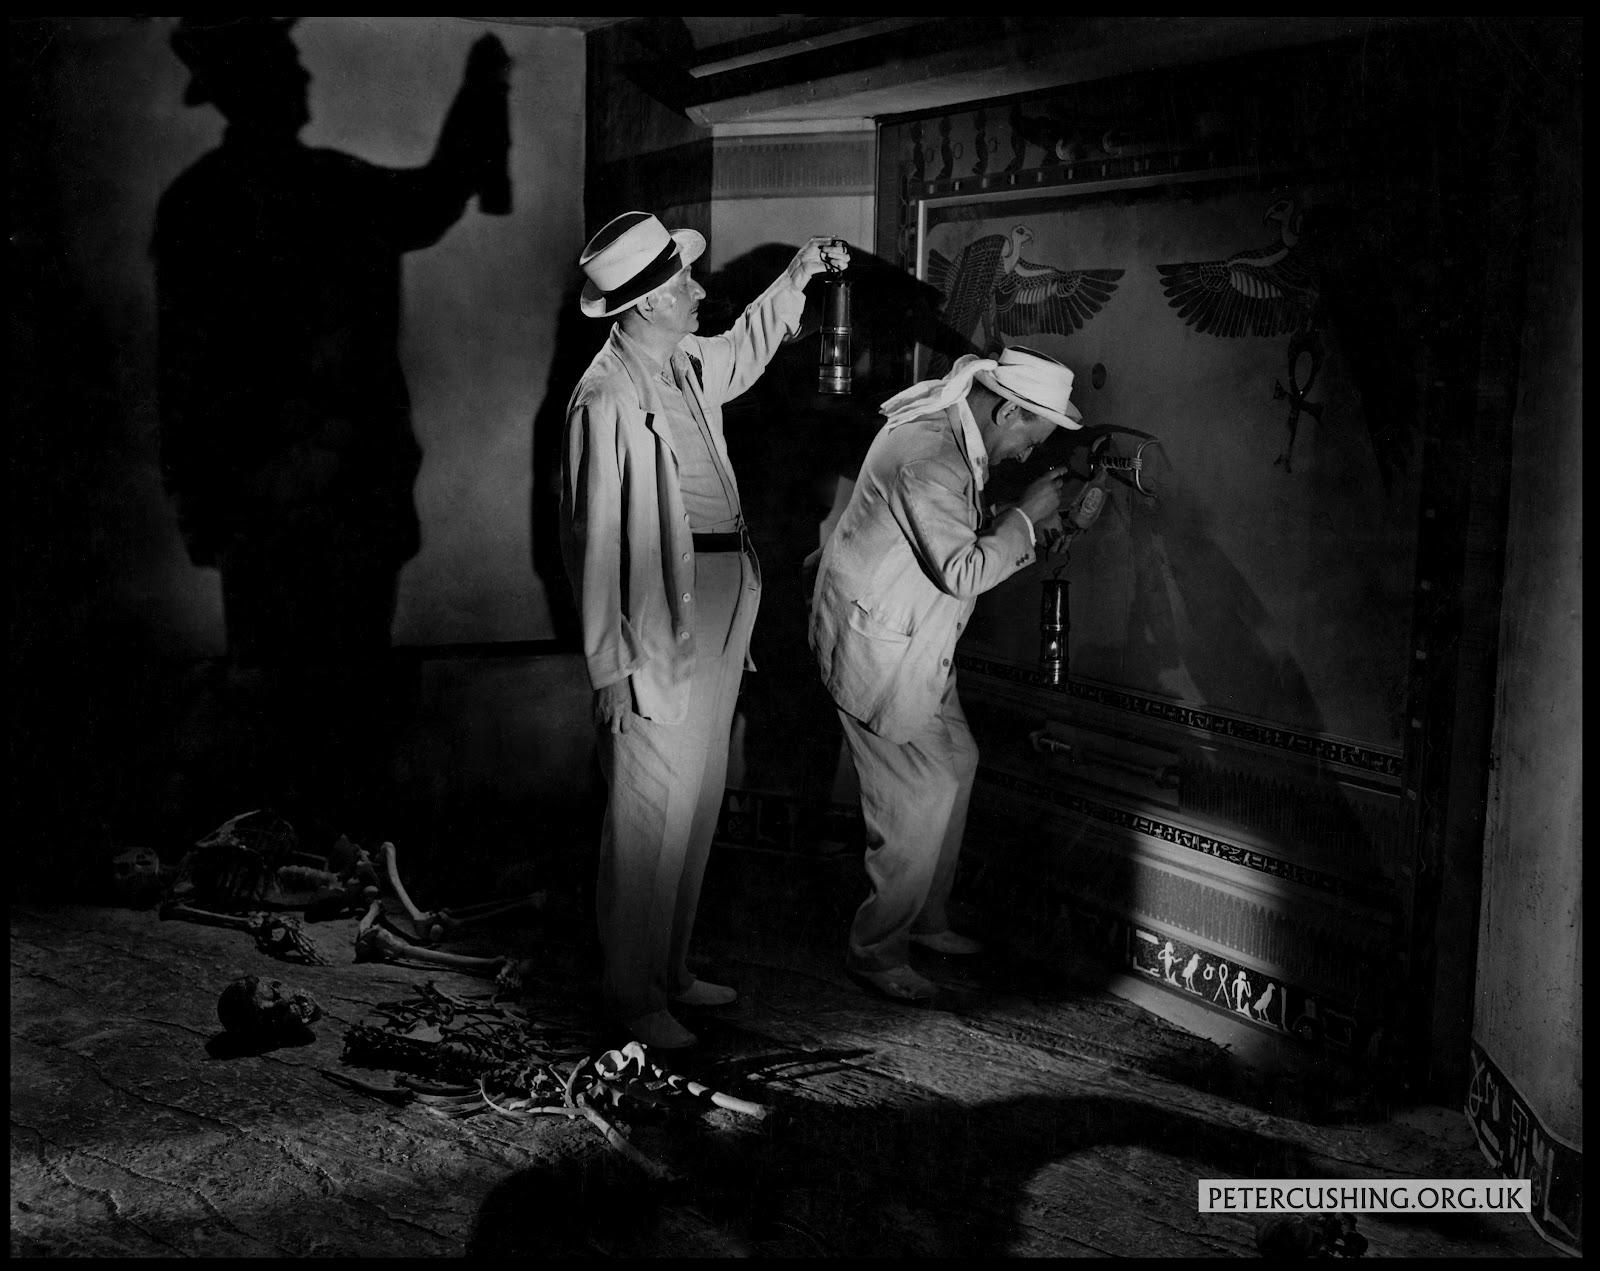 PETERCUSHINGBLOG.BLOGSPOT.COM (PCASUK): HAMMER FILMS ...